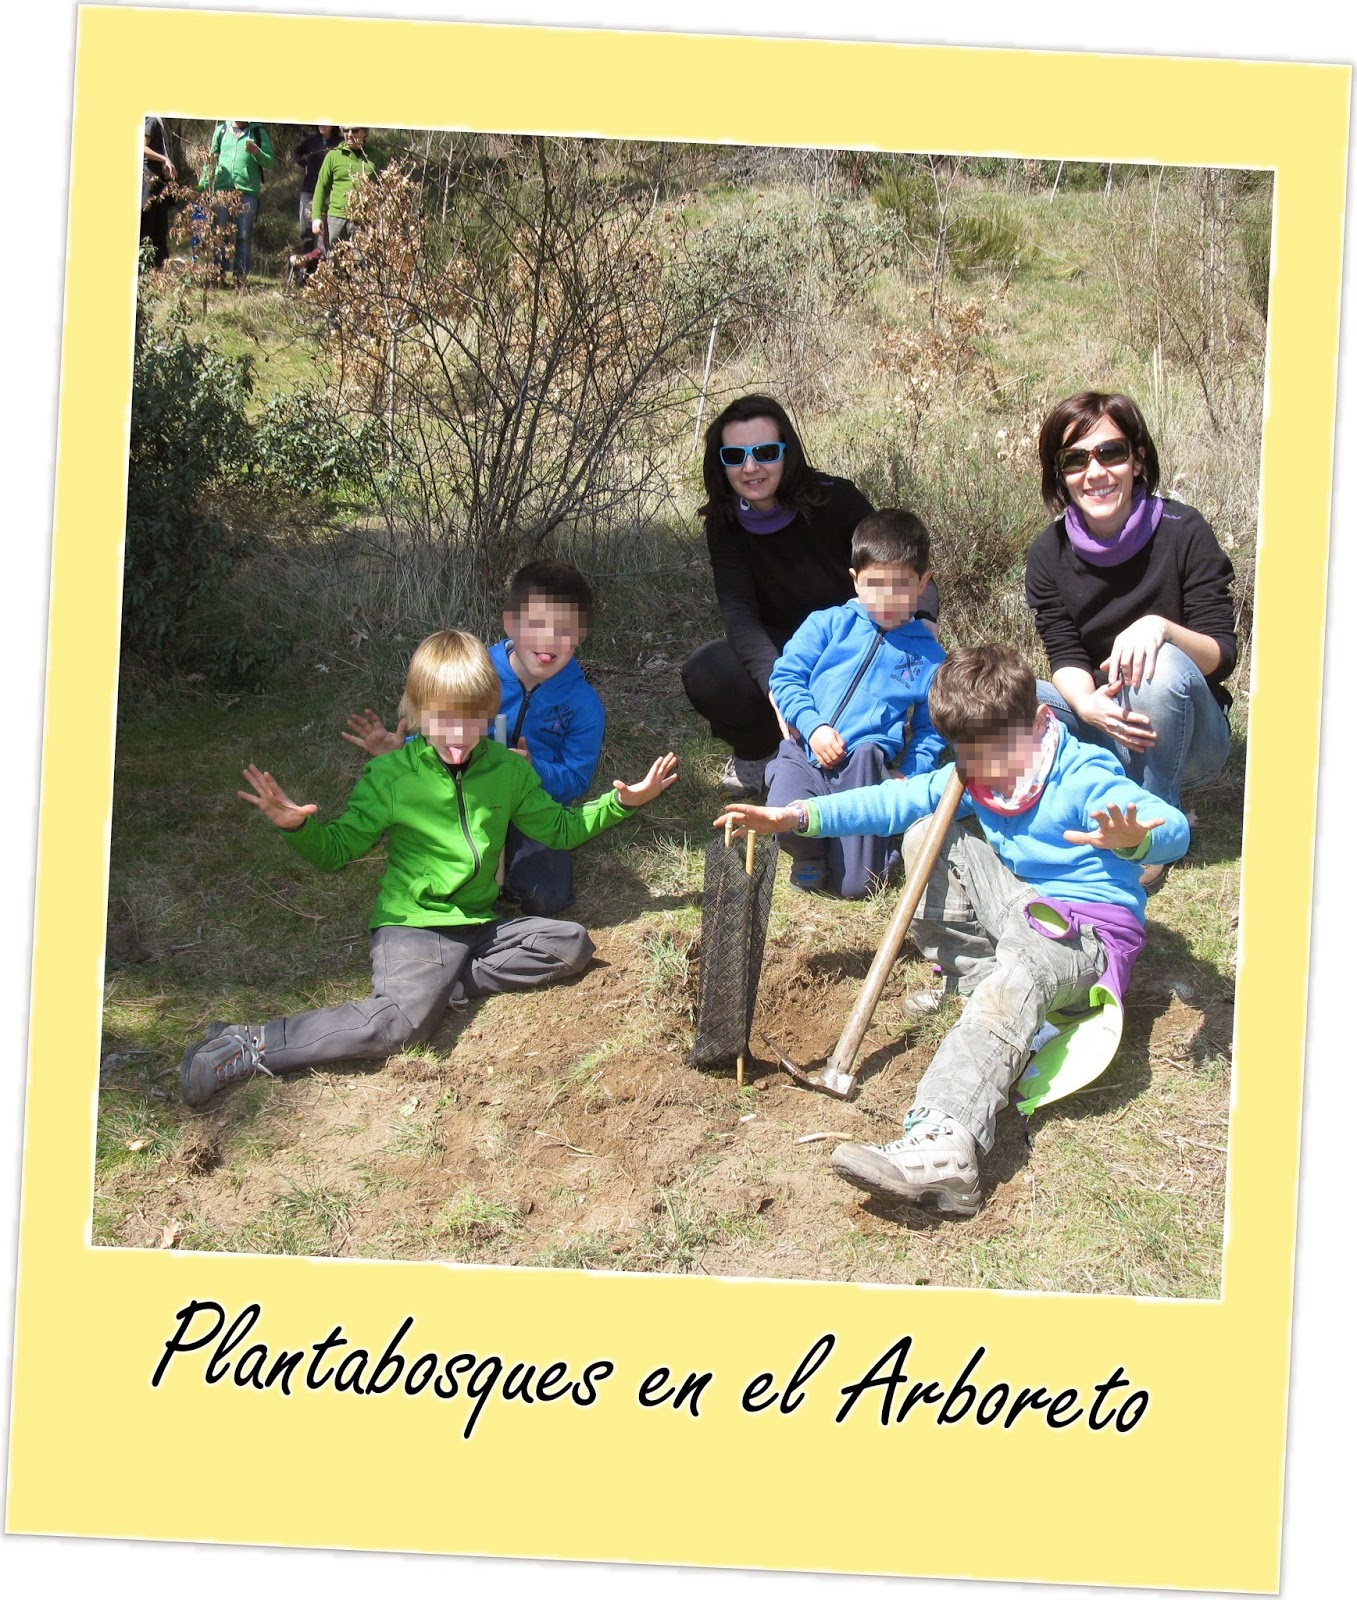 Taller de Plantabosques en el Arboreto